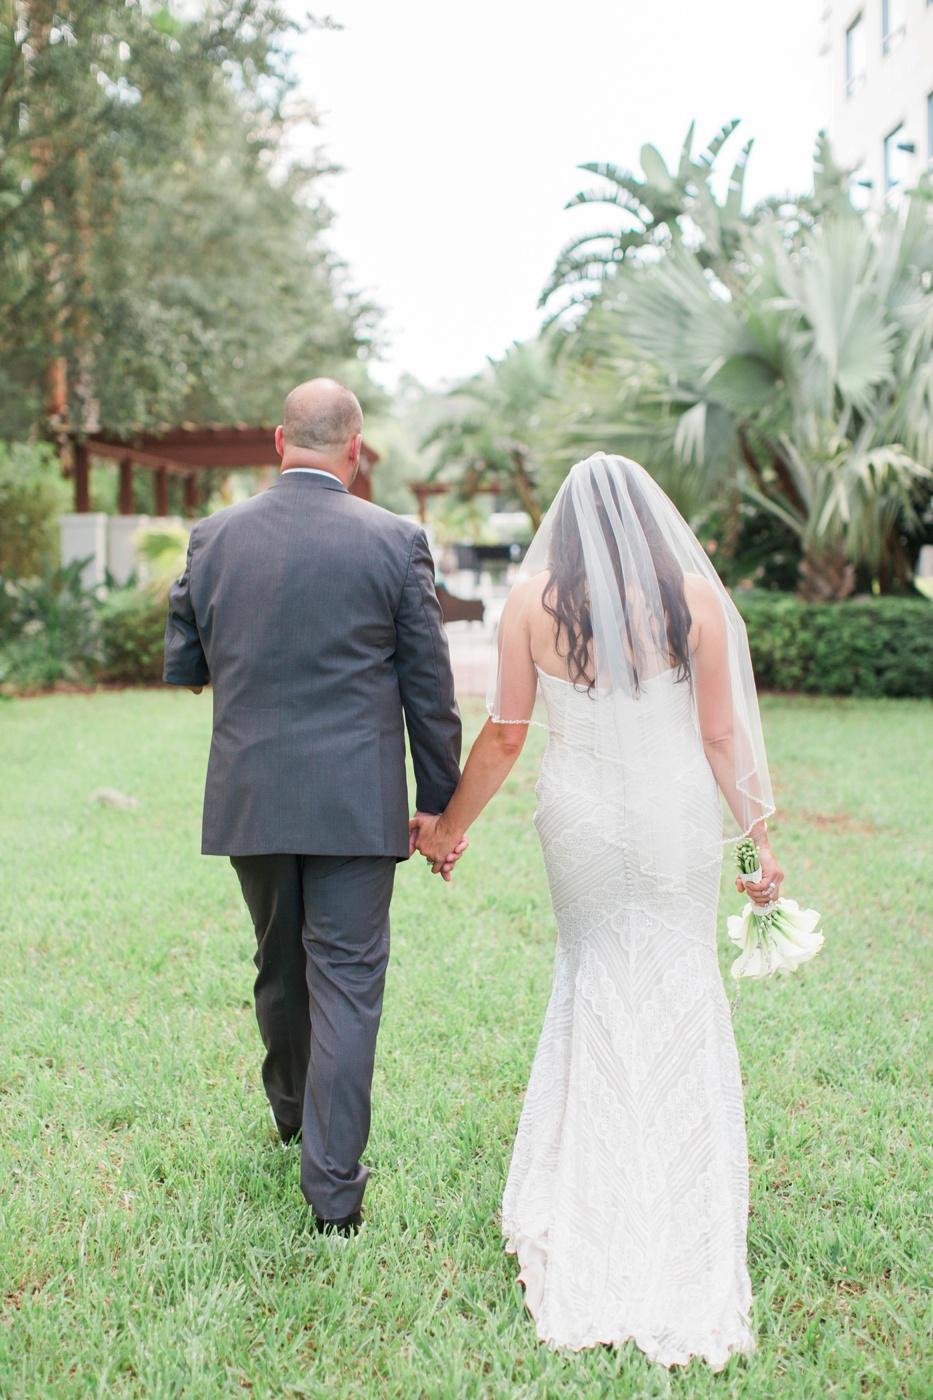 lake-mary-fl-wedding-venues